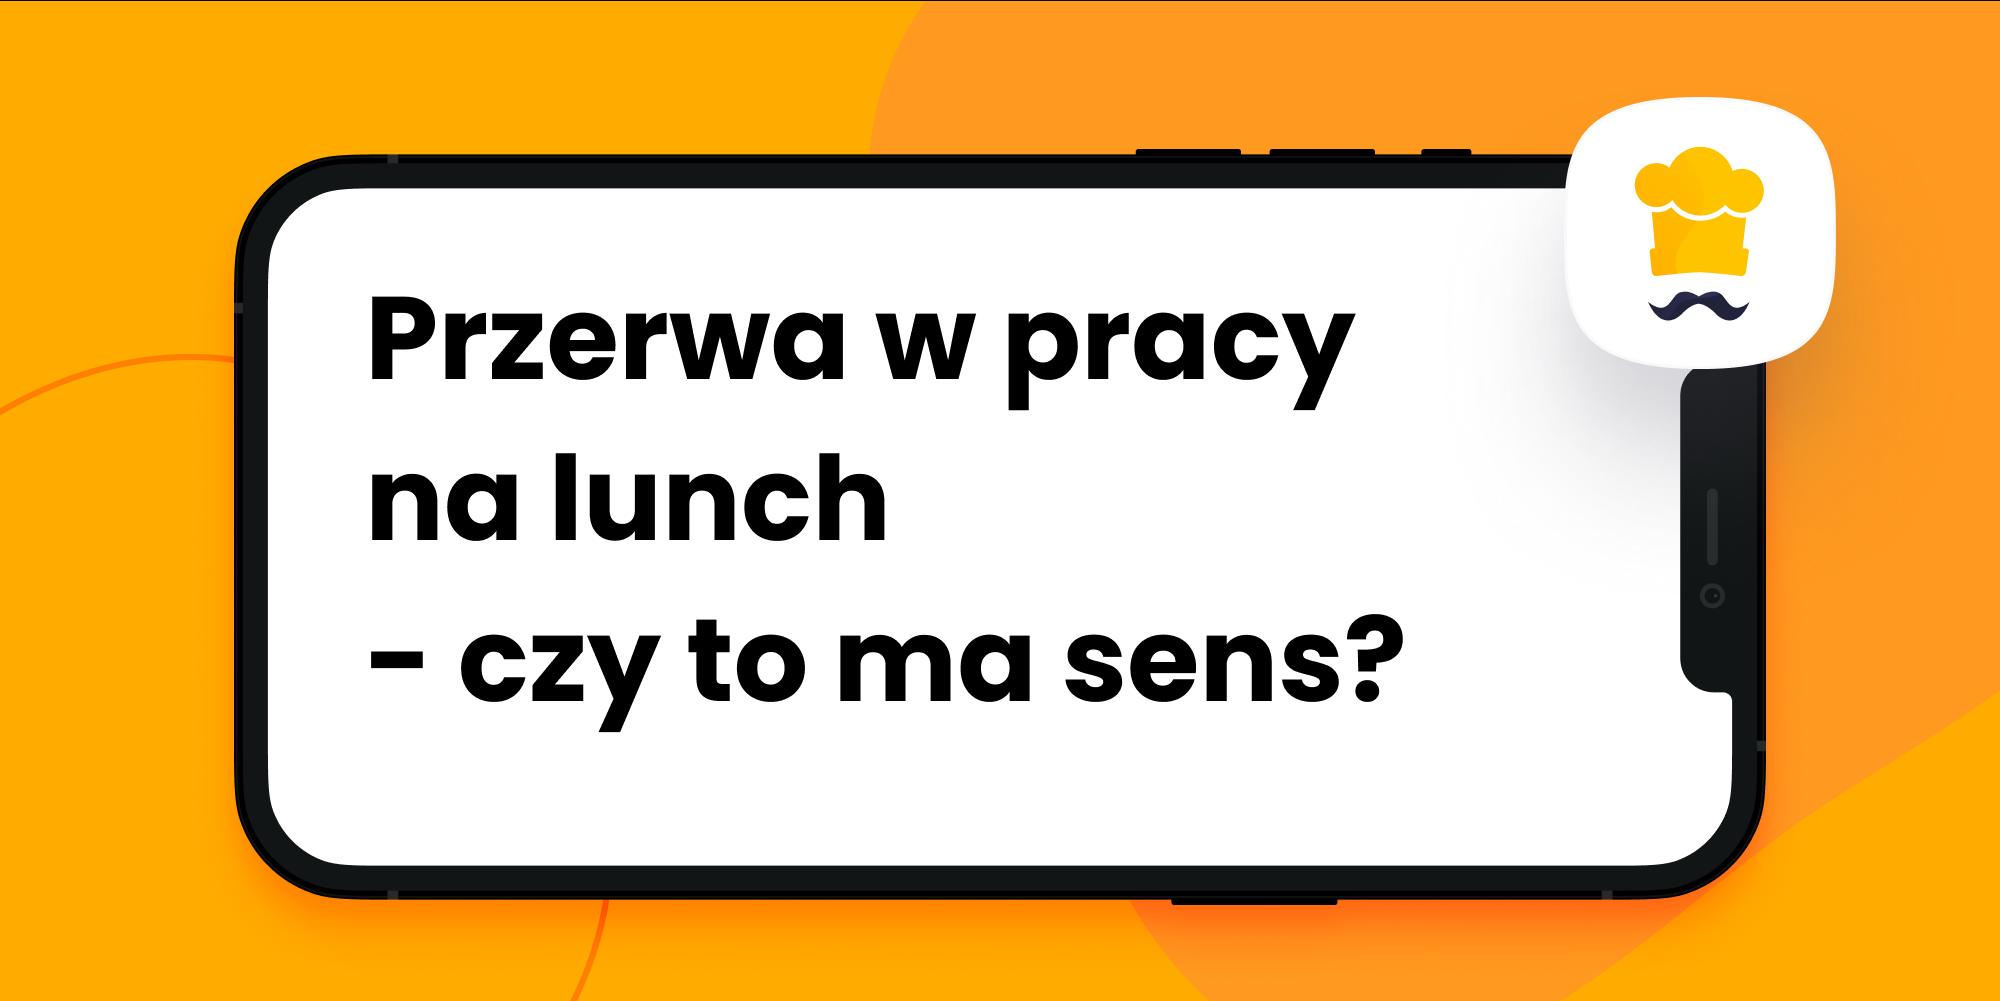 Jak przerwa na lunch wpływa na pracownika i firmę?